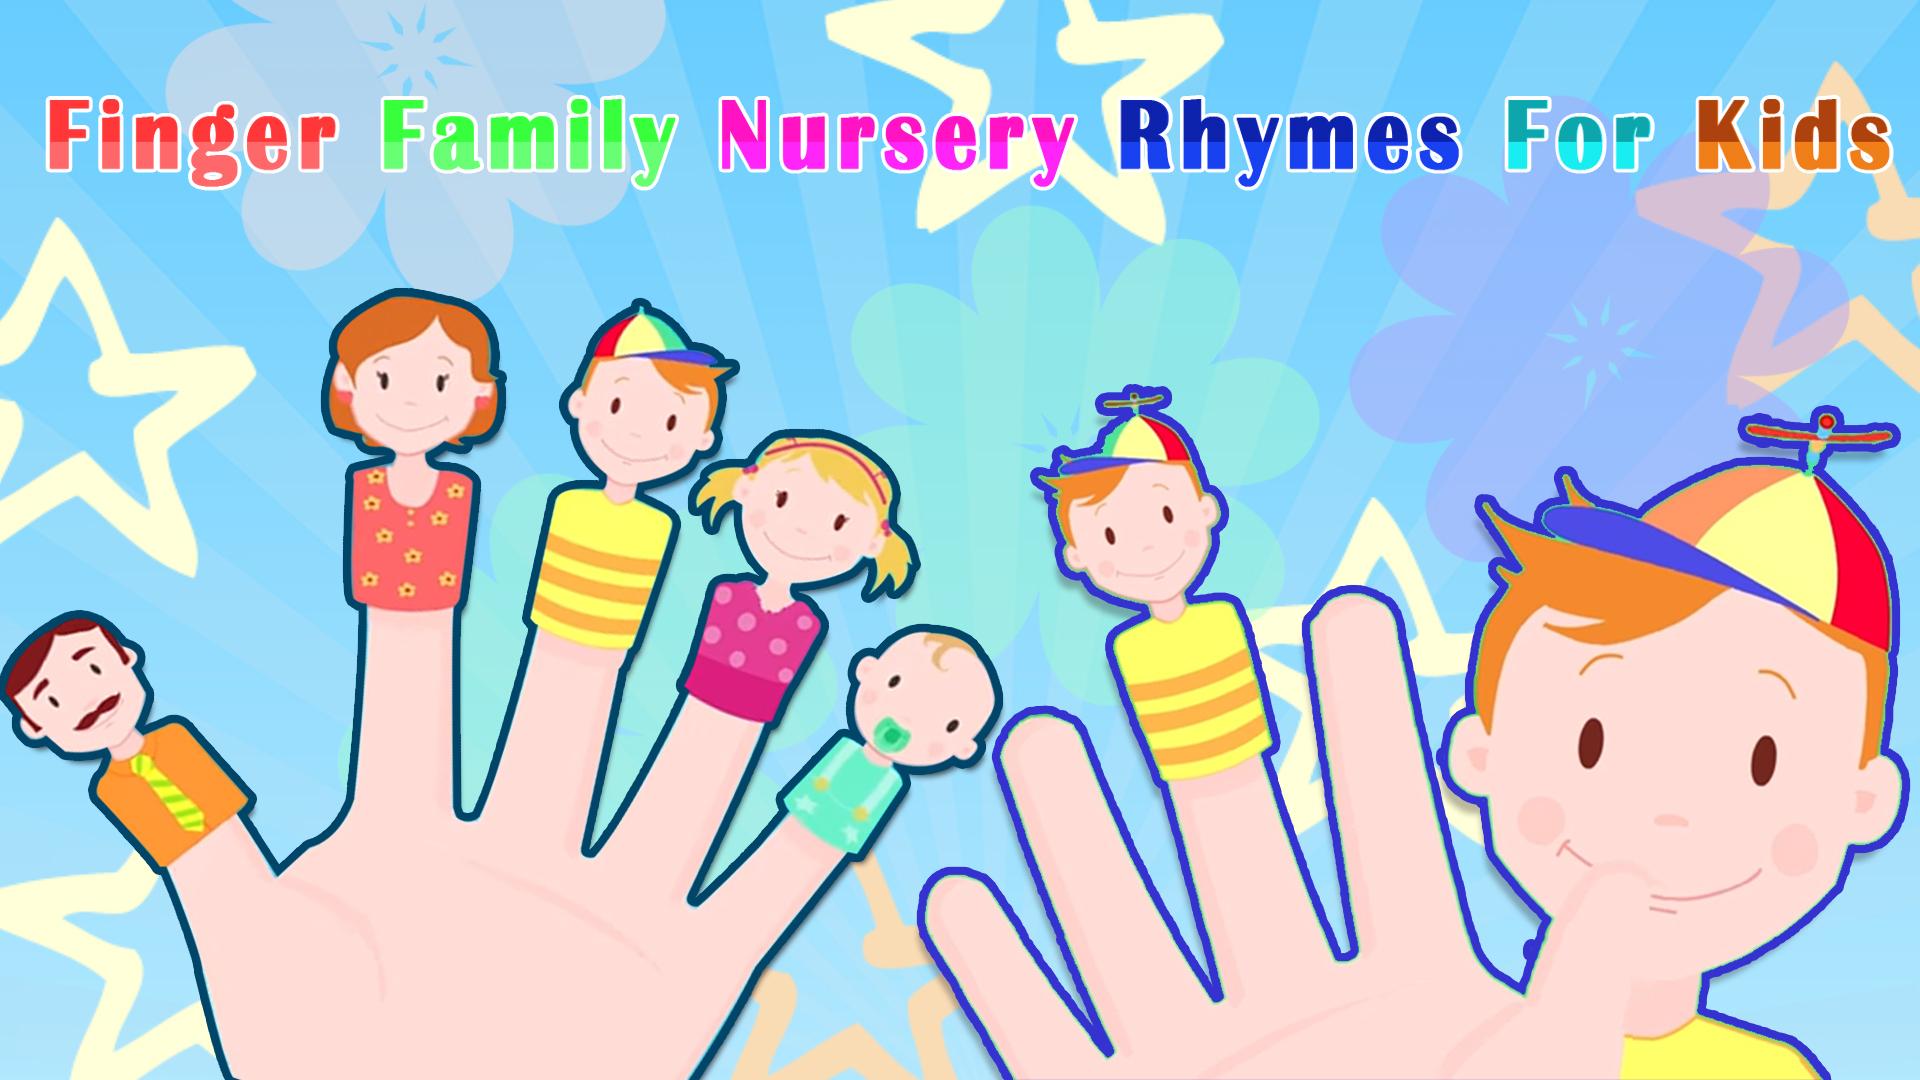 Finger Family Nursery Rhymes For Kids